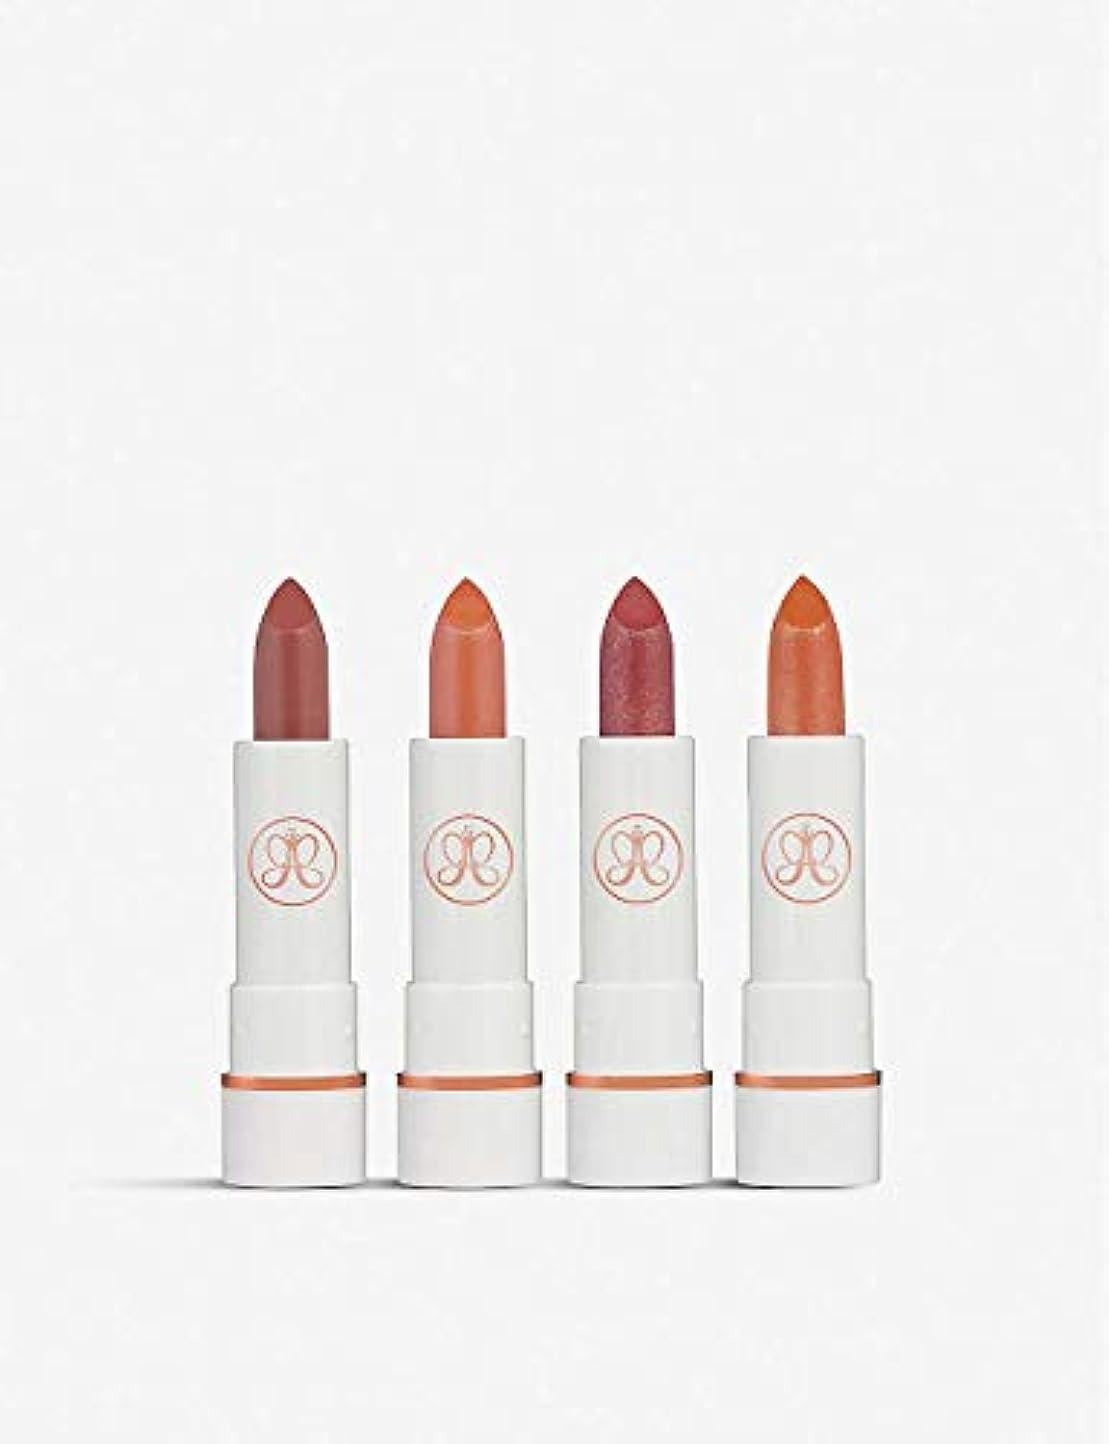 外科医眩惑する強風Mini matte lipsticks set of four ミニサイズ マットリップステック 4本x1.3g Guava/Coconut/Orange Blossom/Lychee